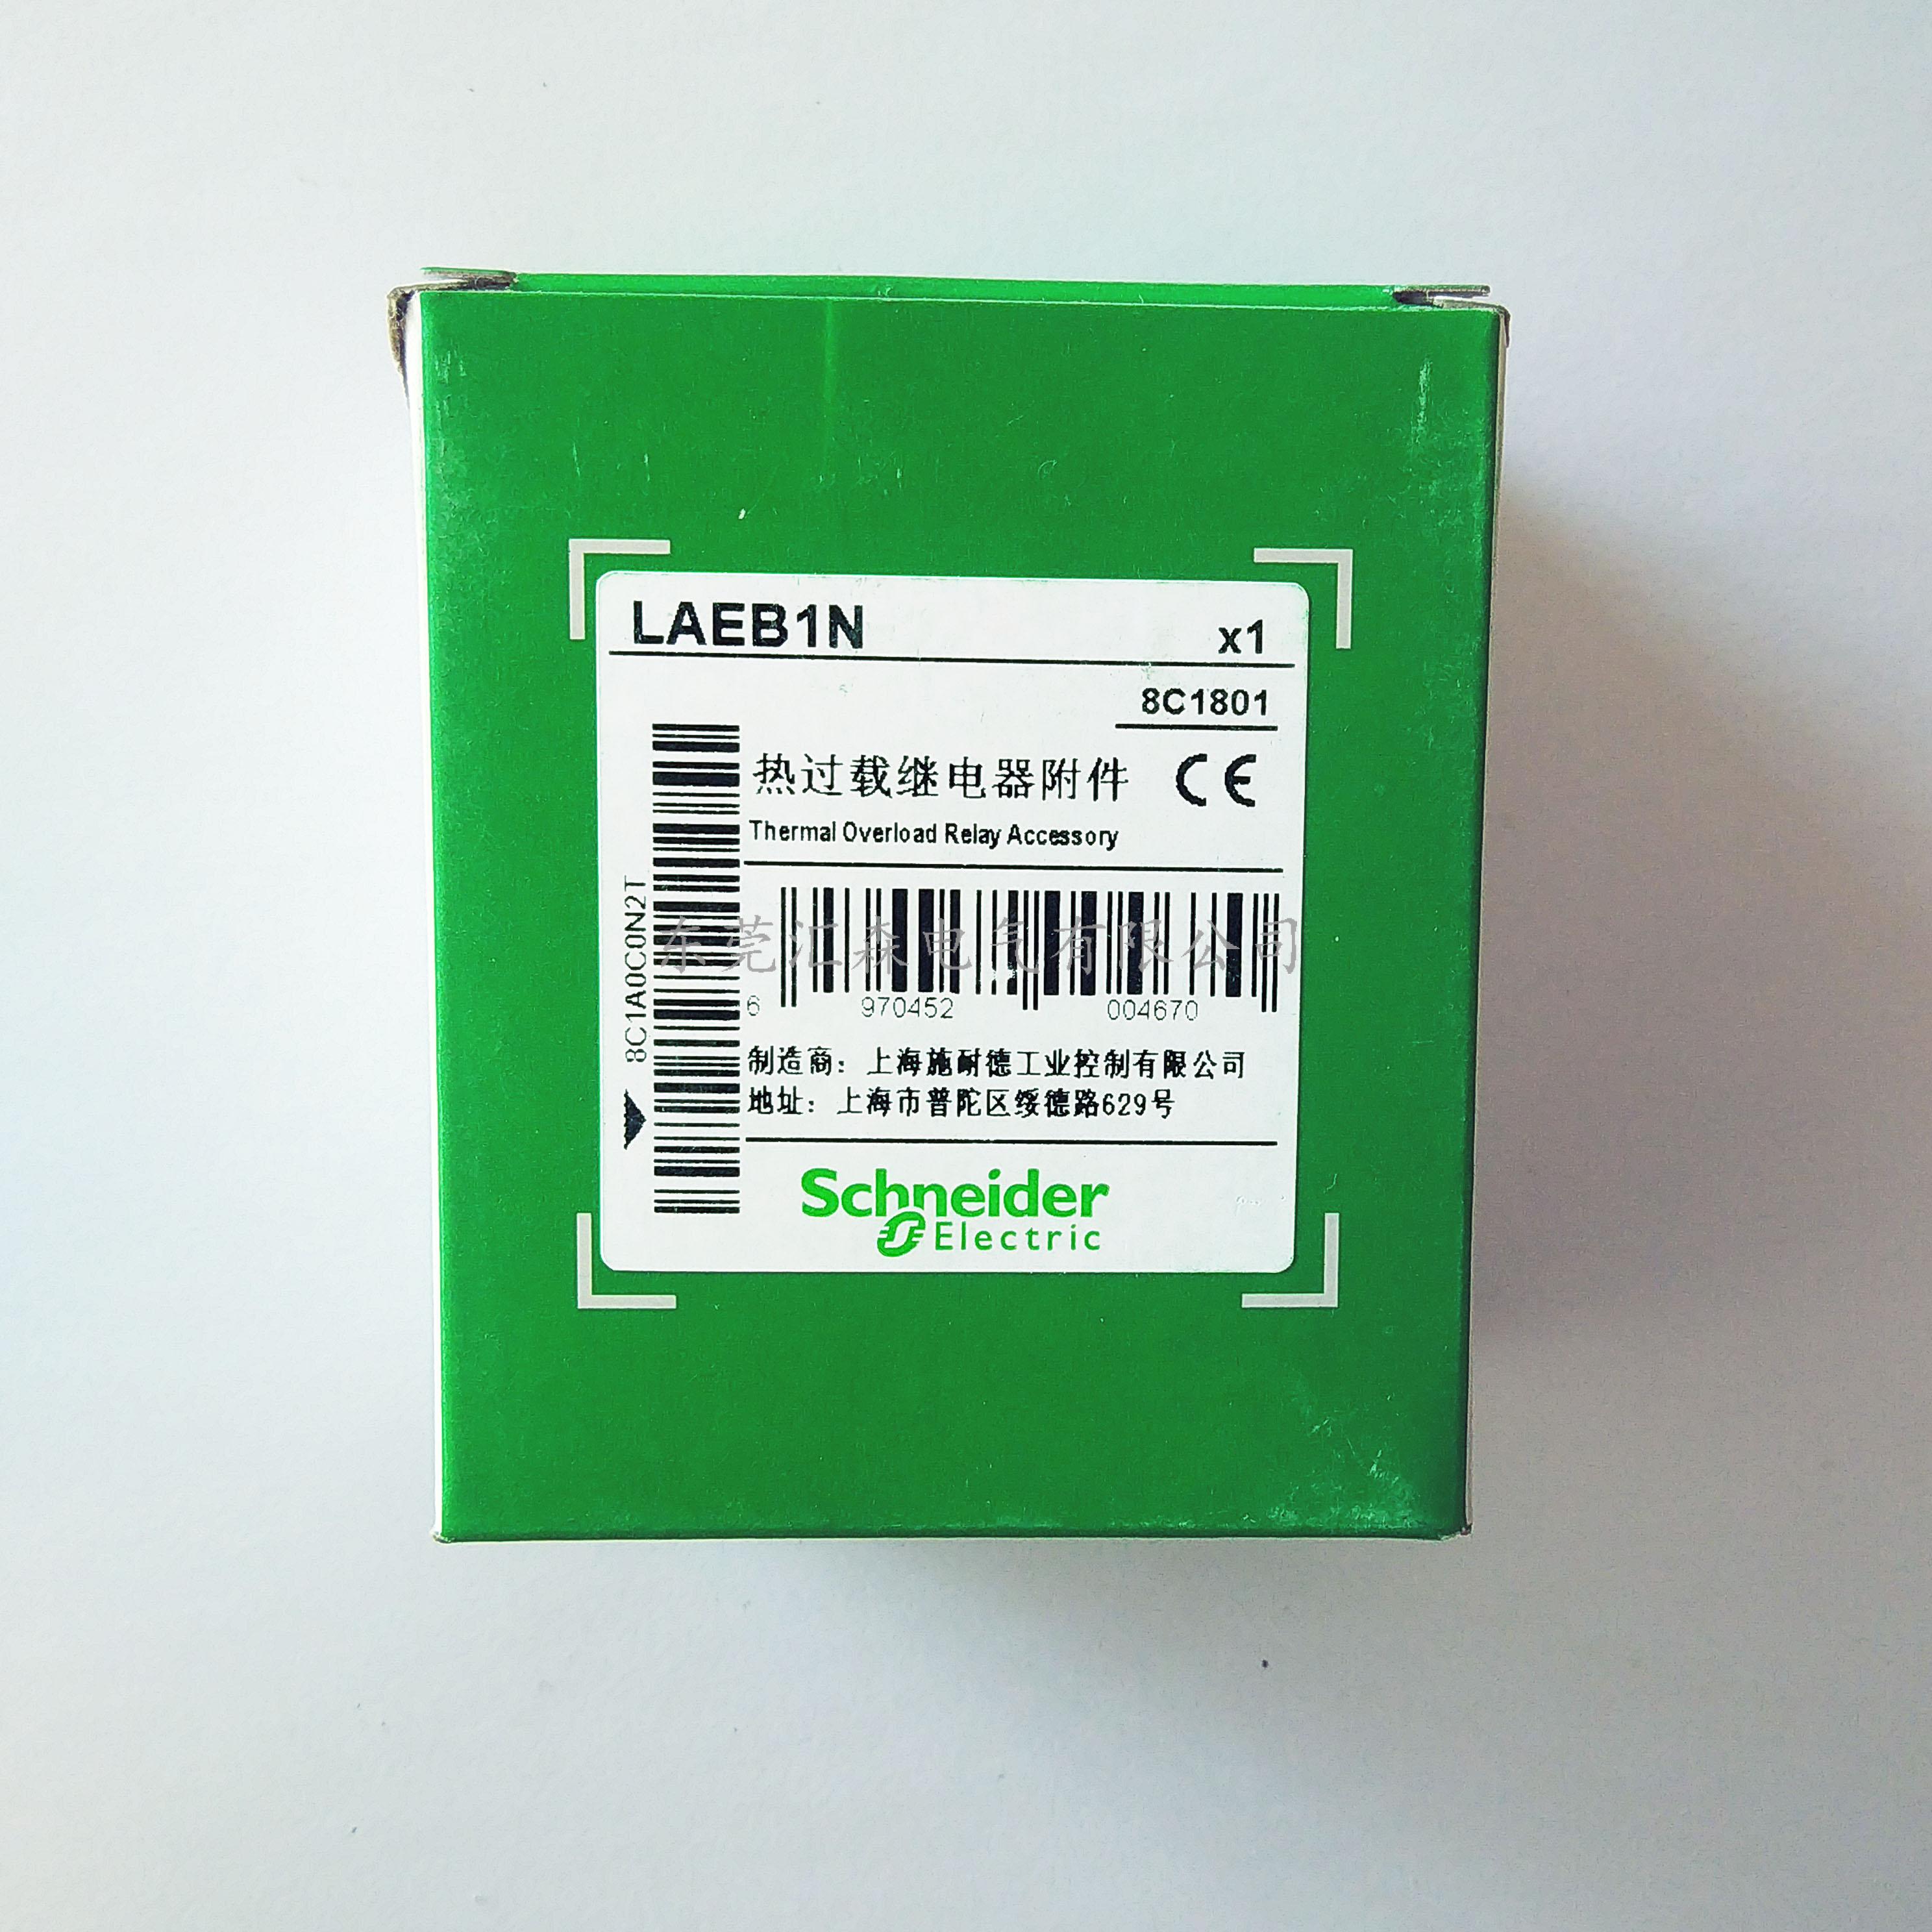 施耐德热继电器独立安装背包LAEB1N